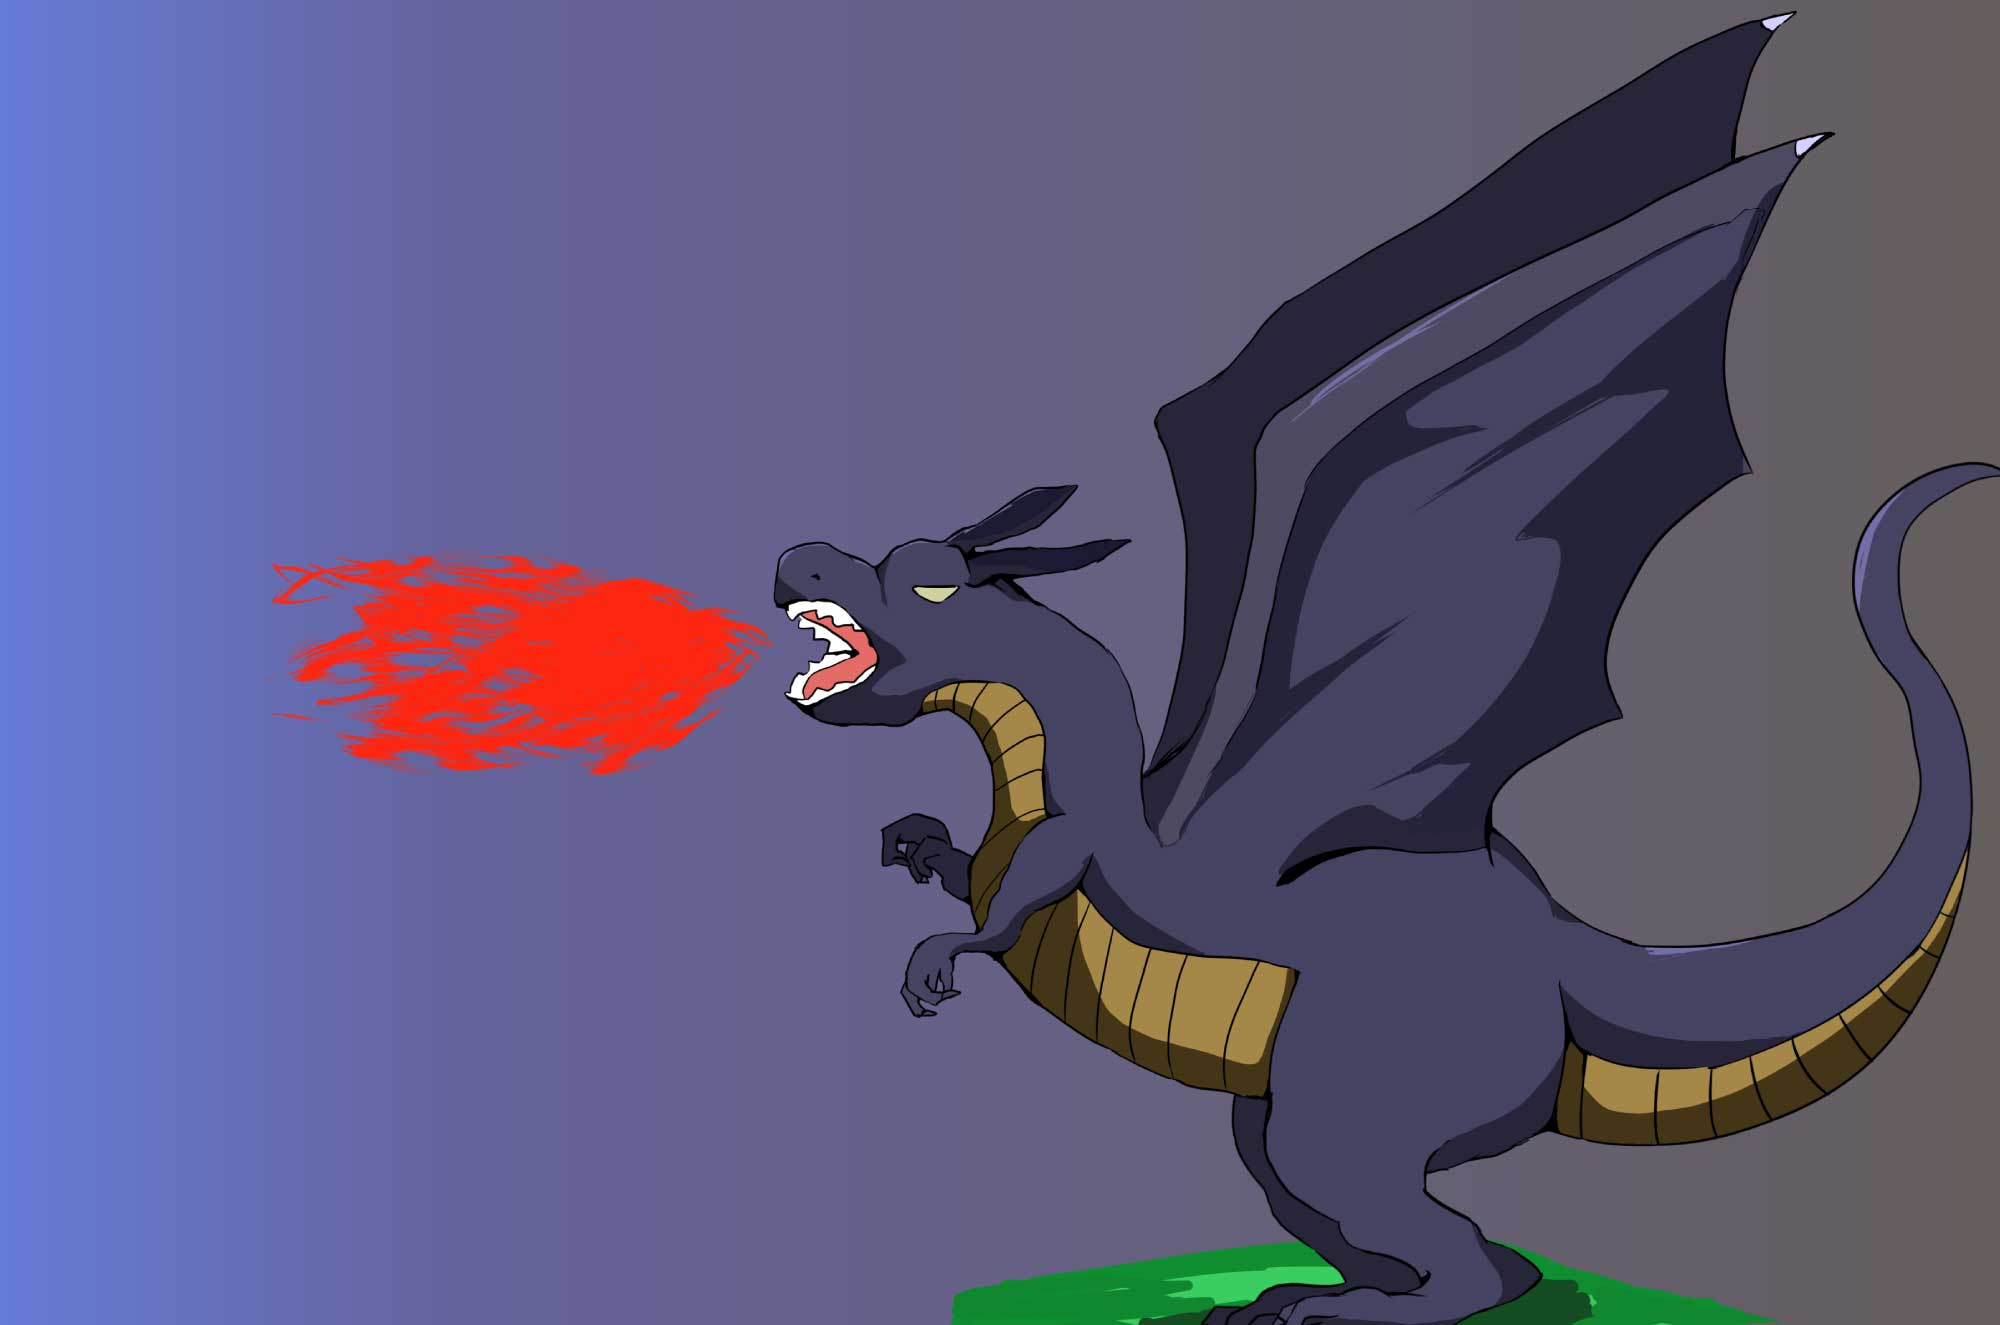 ドラゴンの無料イラスト - ファンタジー想像の生物素材